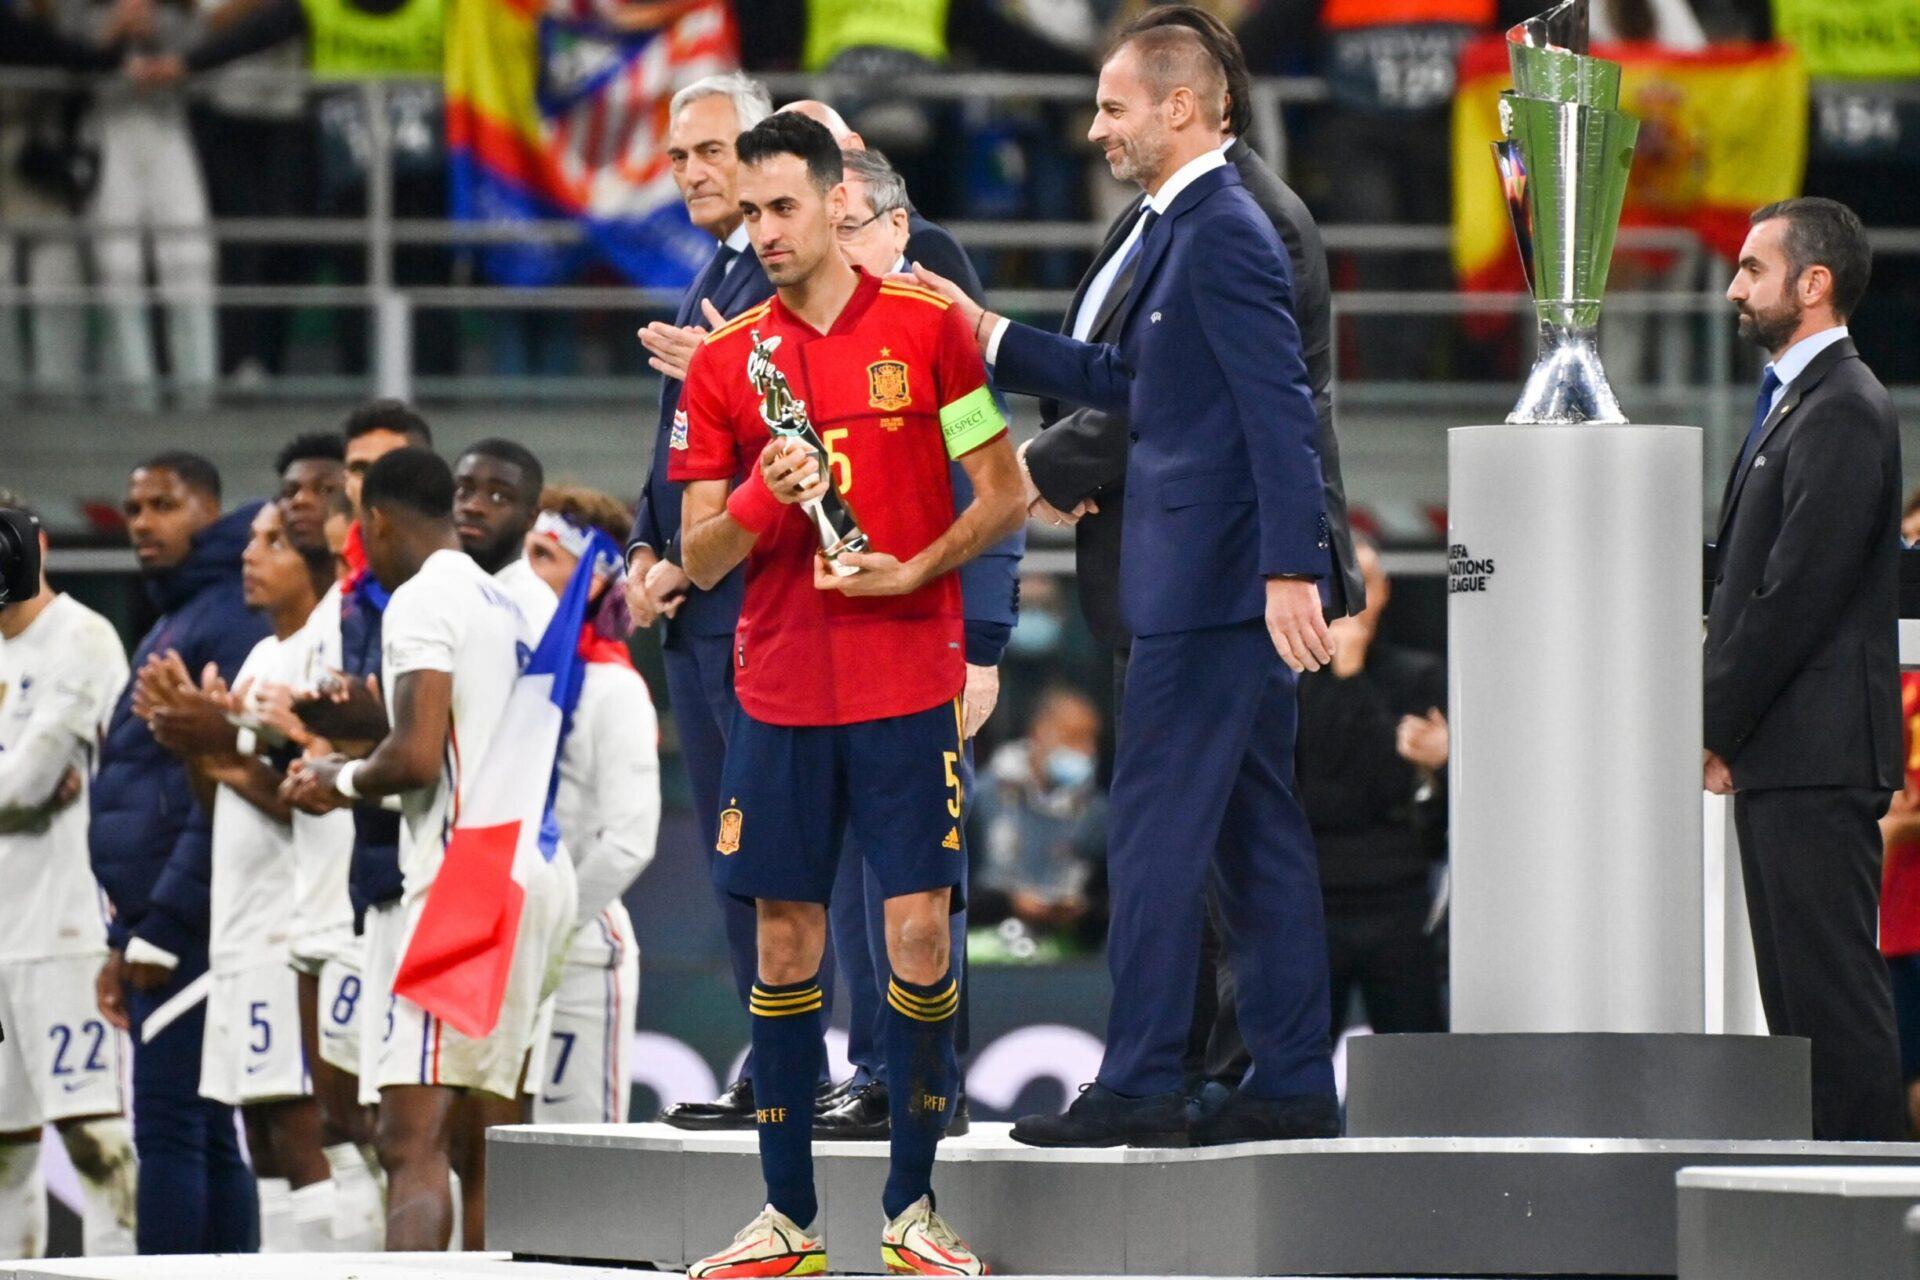 Malgré la défaite en finale, Busquets est reparti avec le trophée de meilleur joueur du Final Four (iconsport)